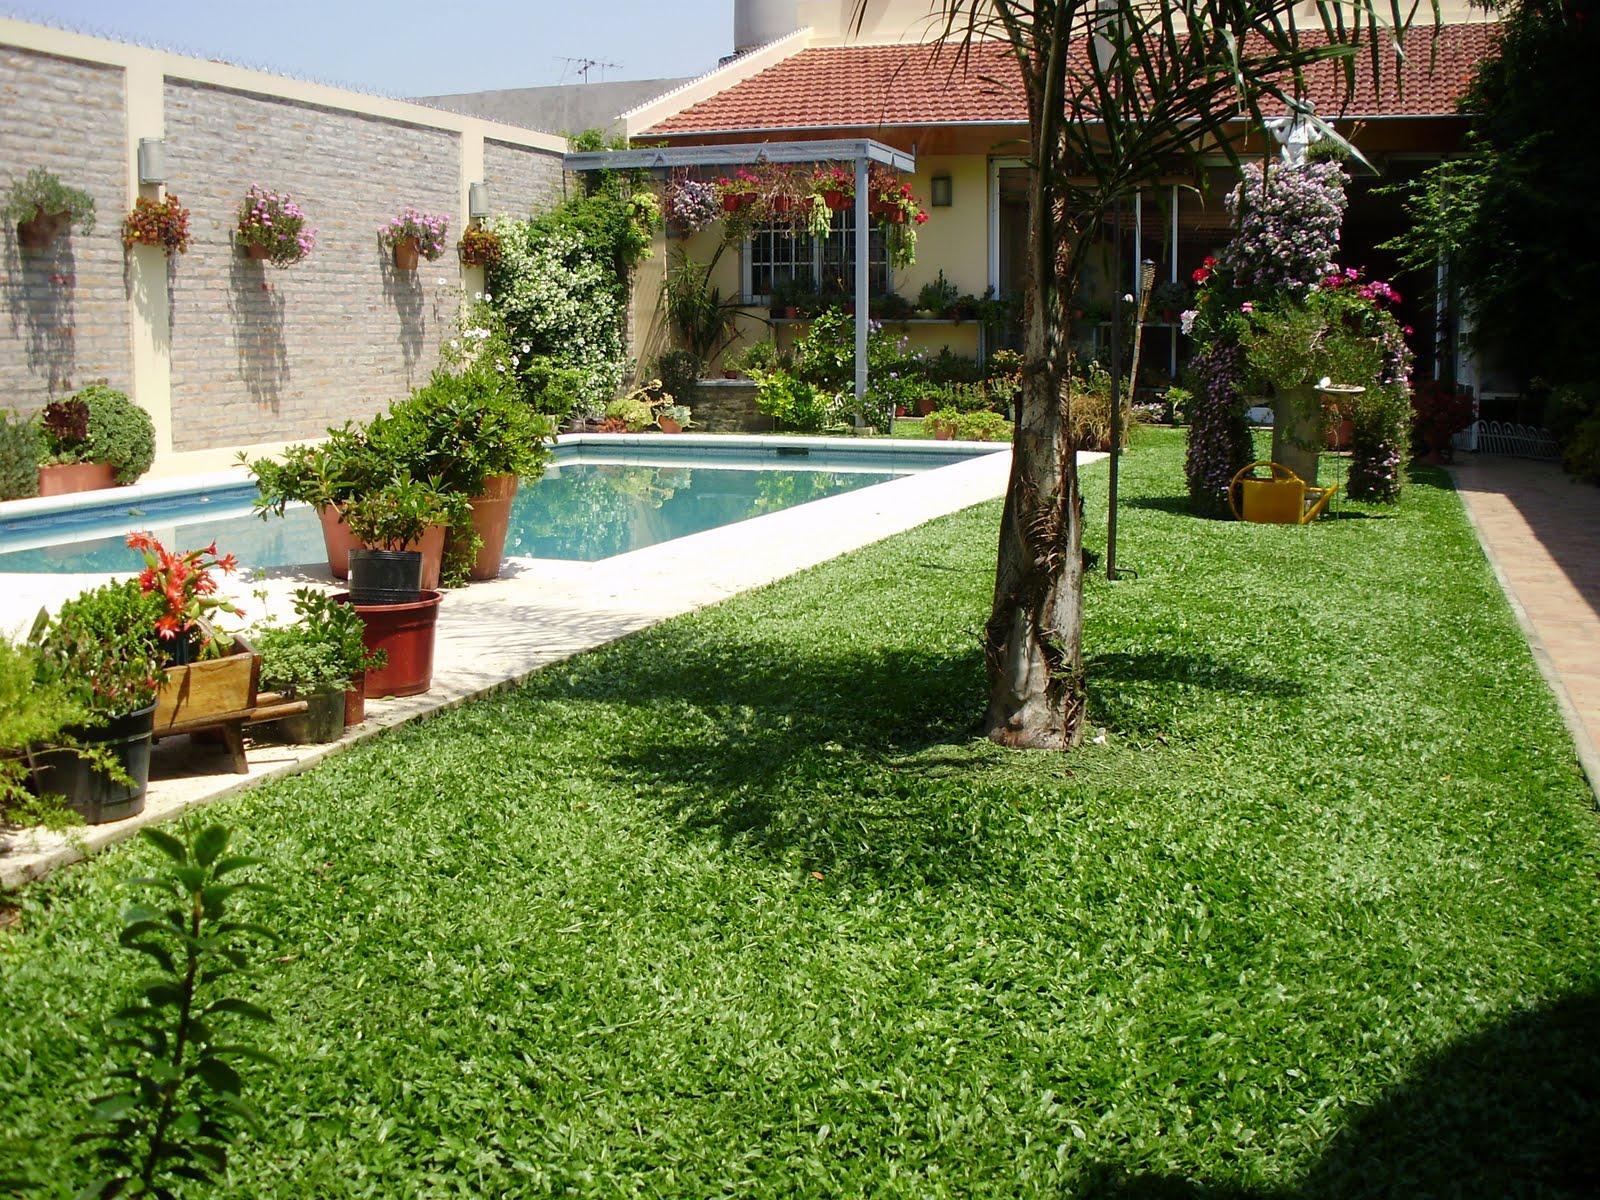 Jardines osvaldo dise os y servicios de parques y jardines for Parques y jardines